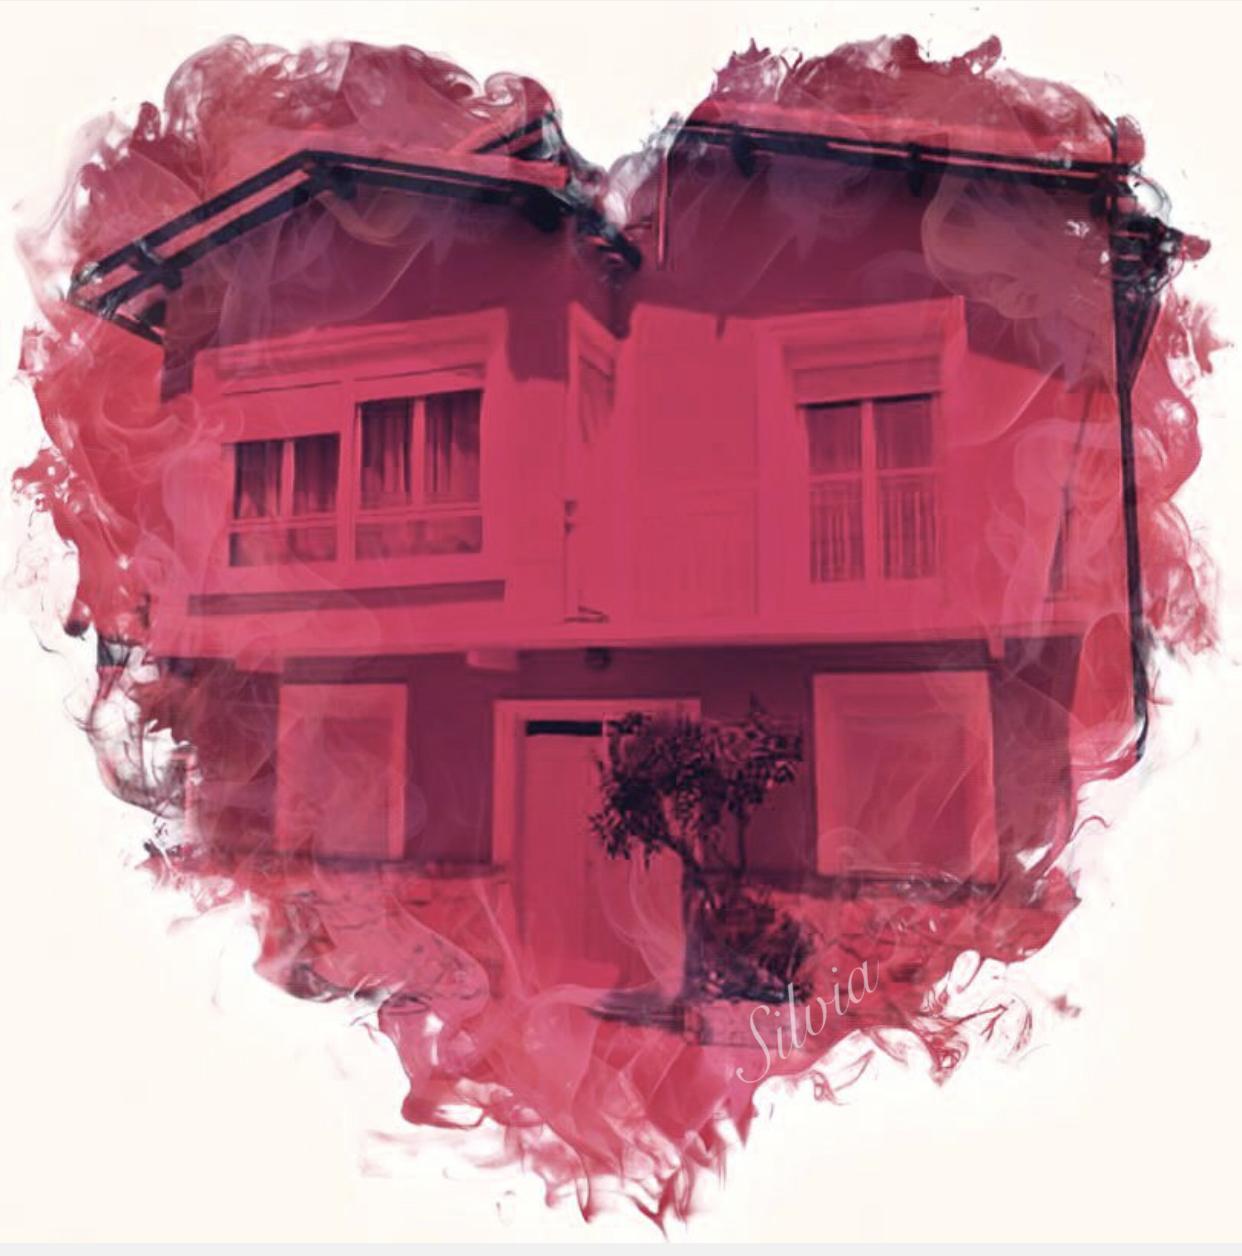 Cette année, la Saint-Valentin sera in casa ou ne sera pas. Parola di Bianca.